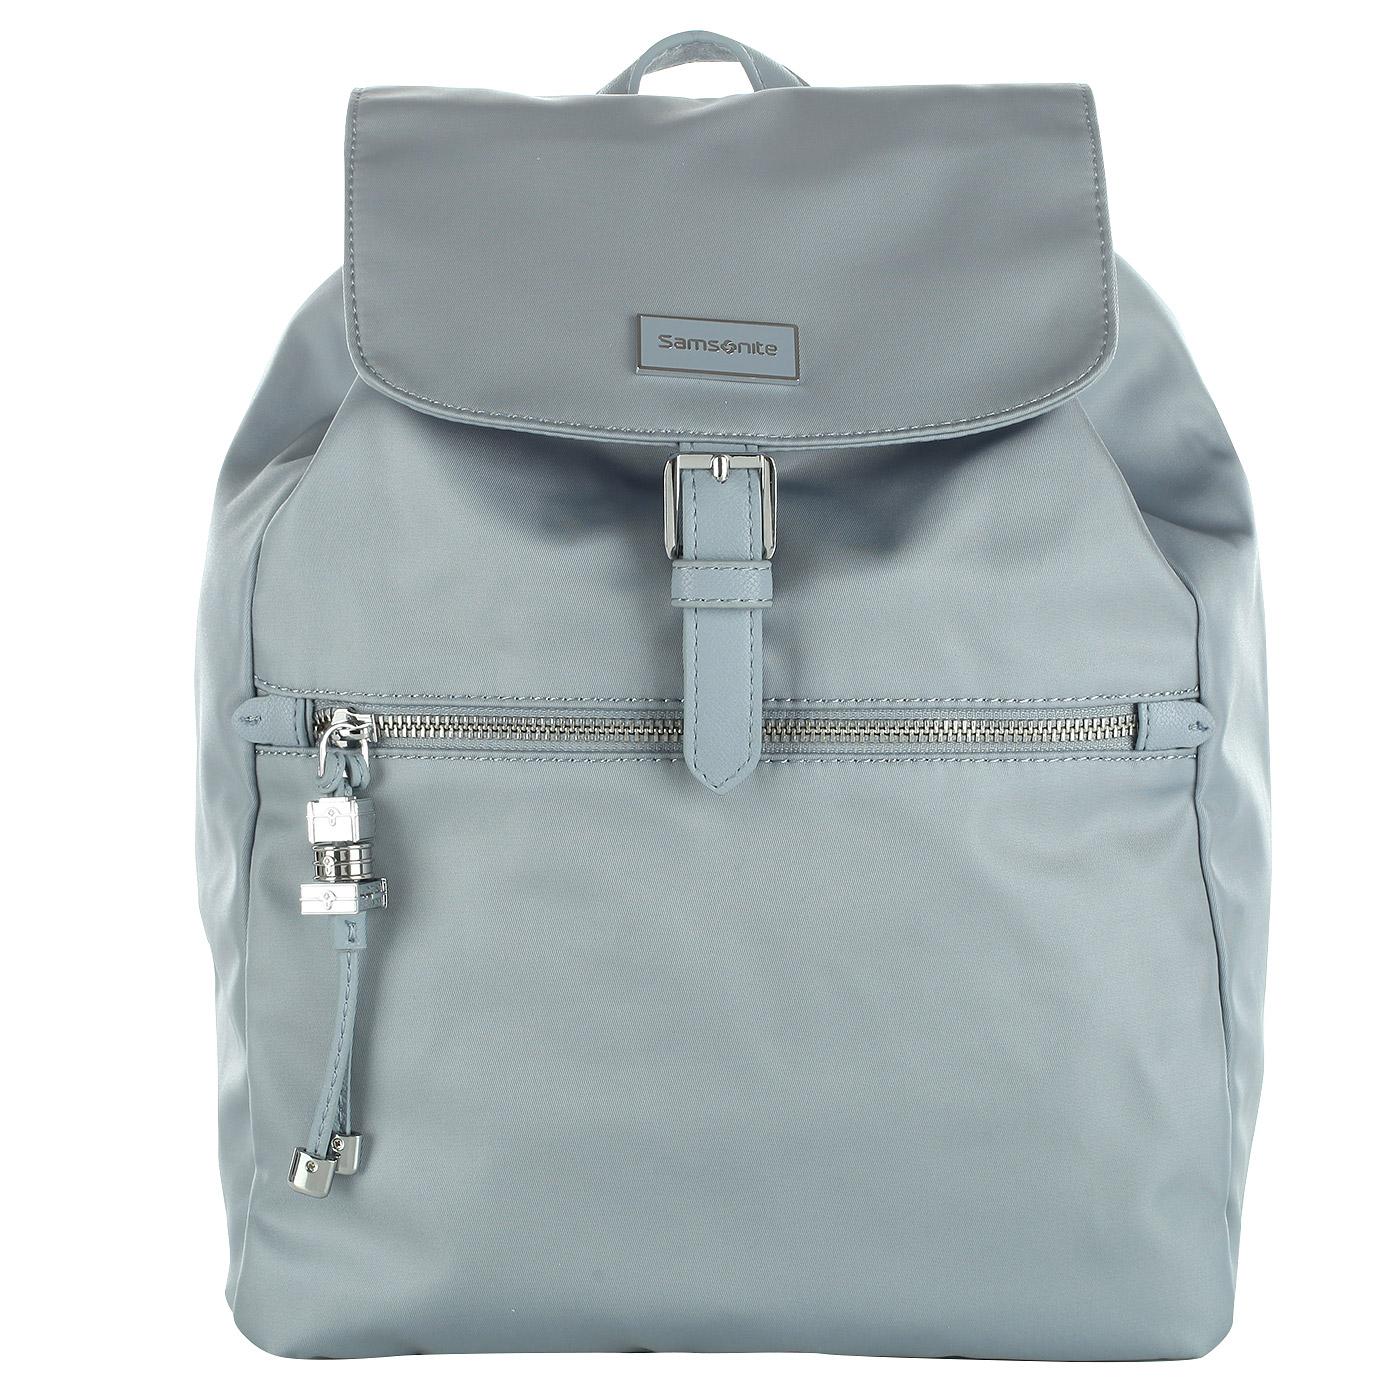 8e993ca4bbdb Нейлоновый женский рюкзак Samsonite Karissa